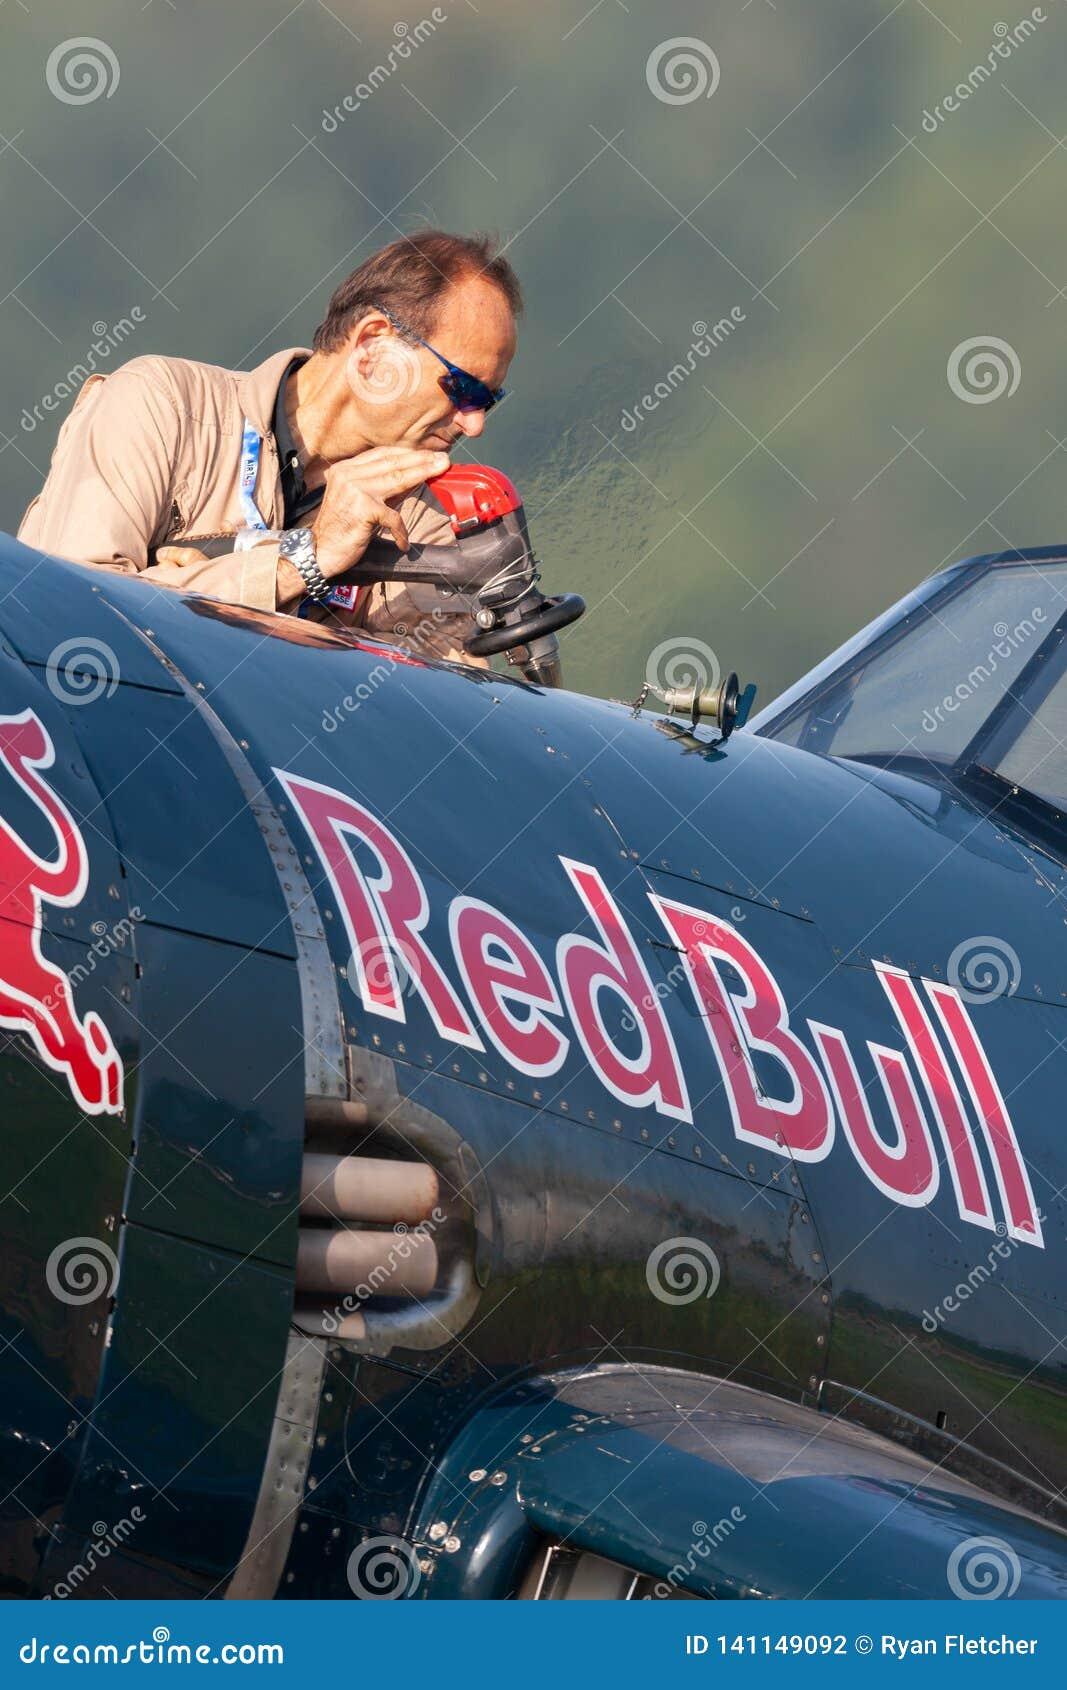 Eric Goujon réapprovisionne en combustible les avions de corsaire de Vought F4U-4 de la collection volante de taureaux